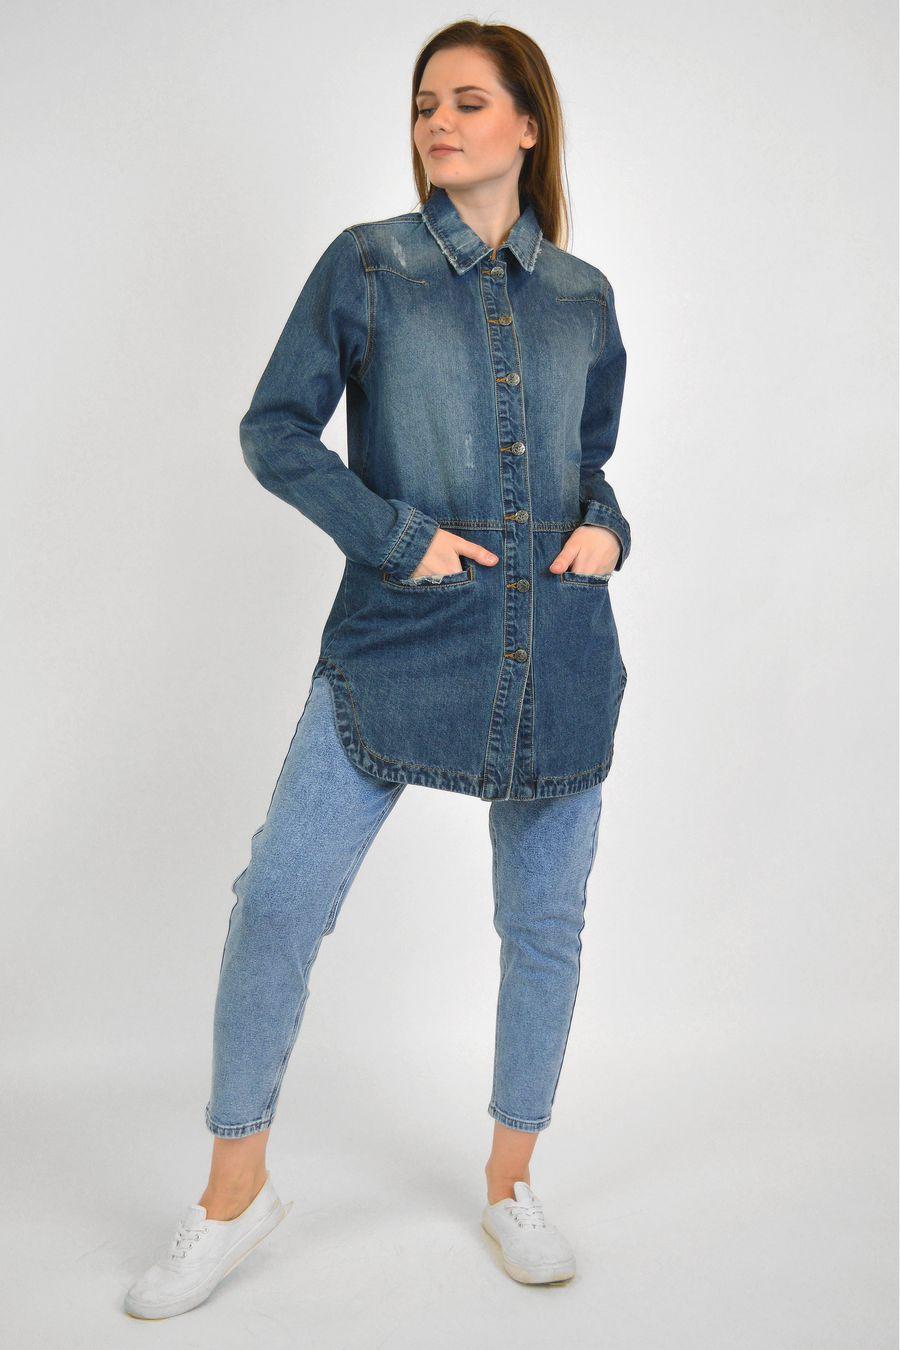 Рубашка женская Baccino 6093 джинсовая - фото 1